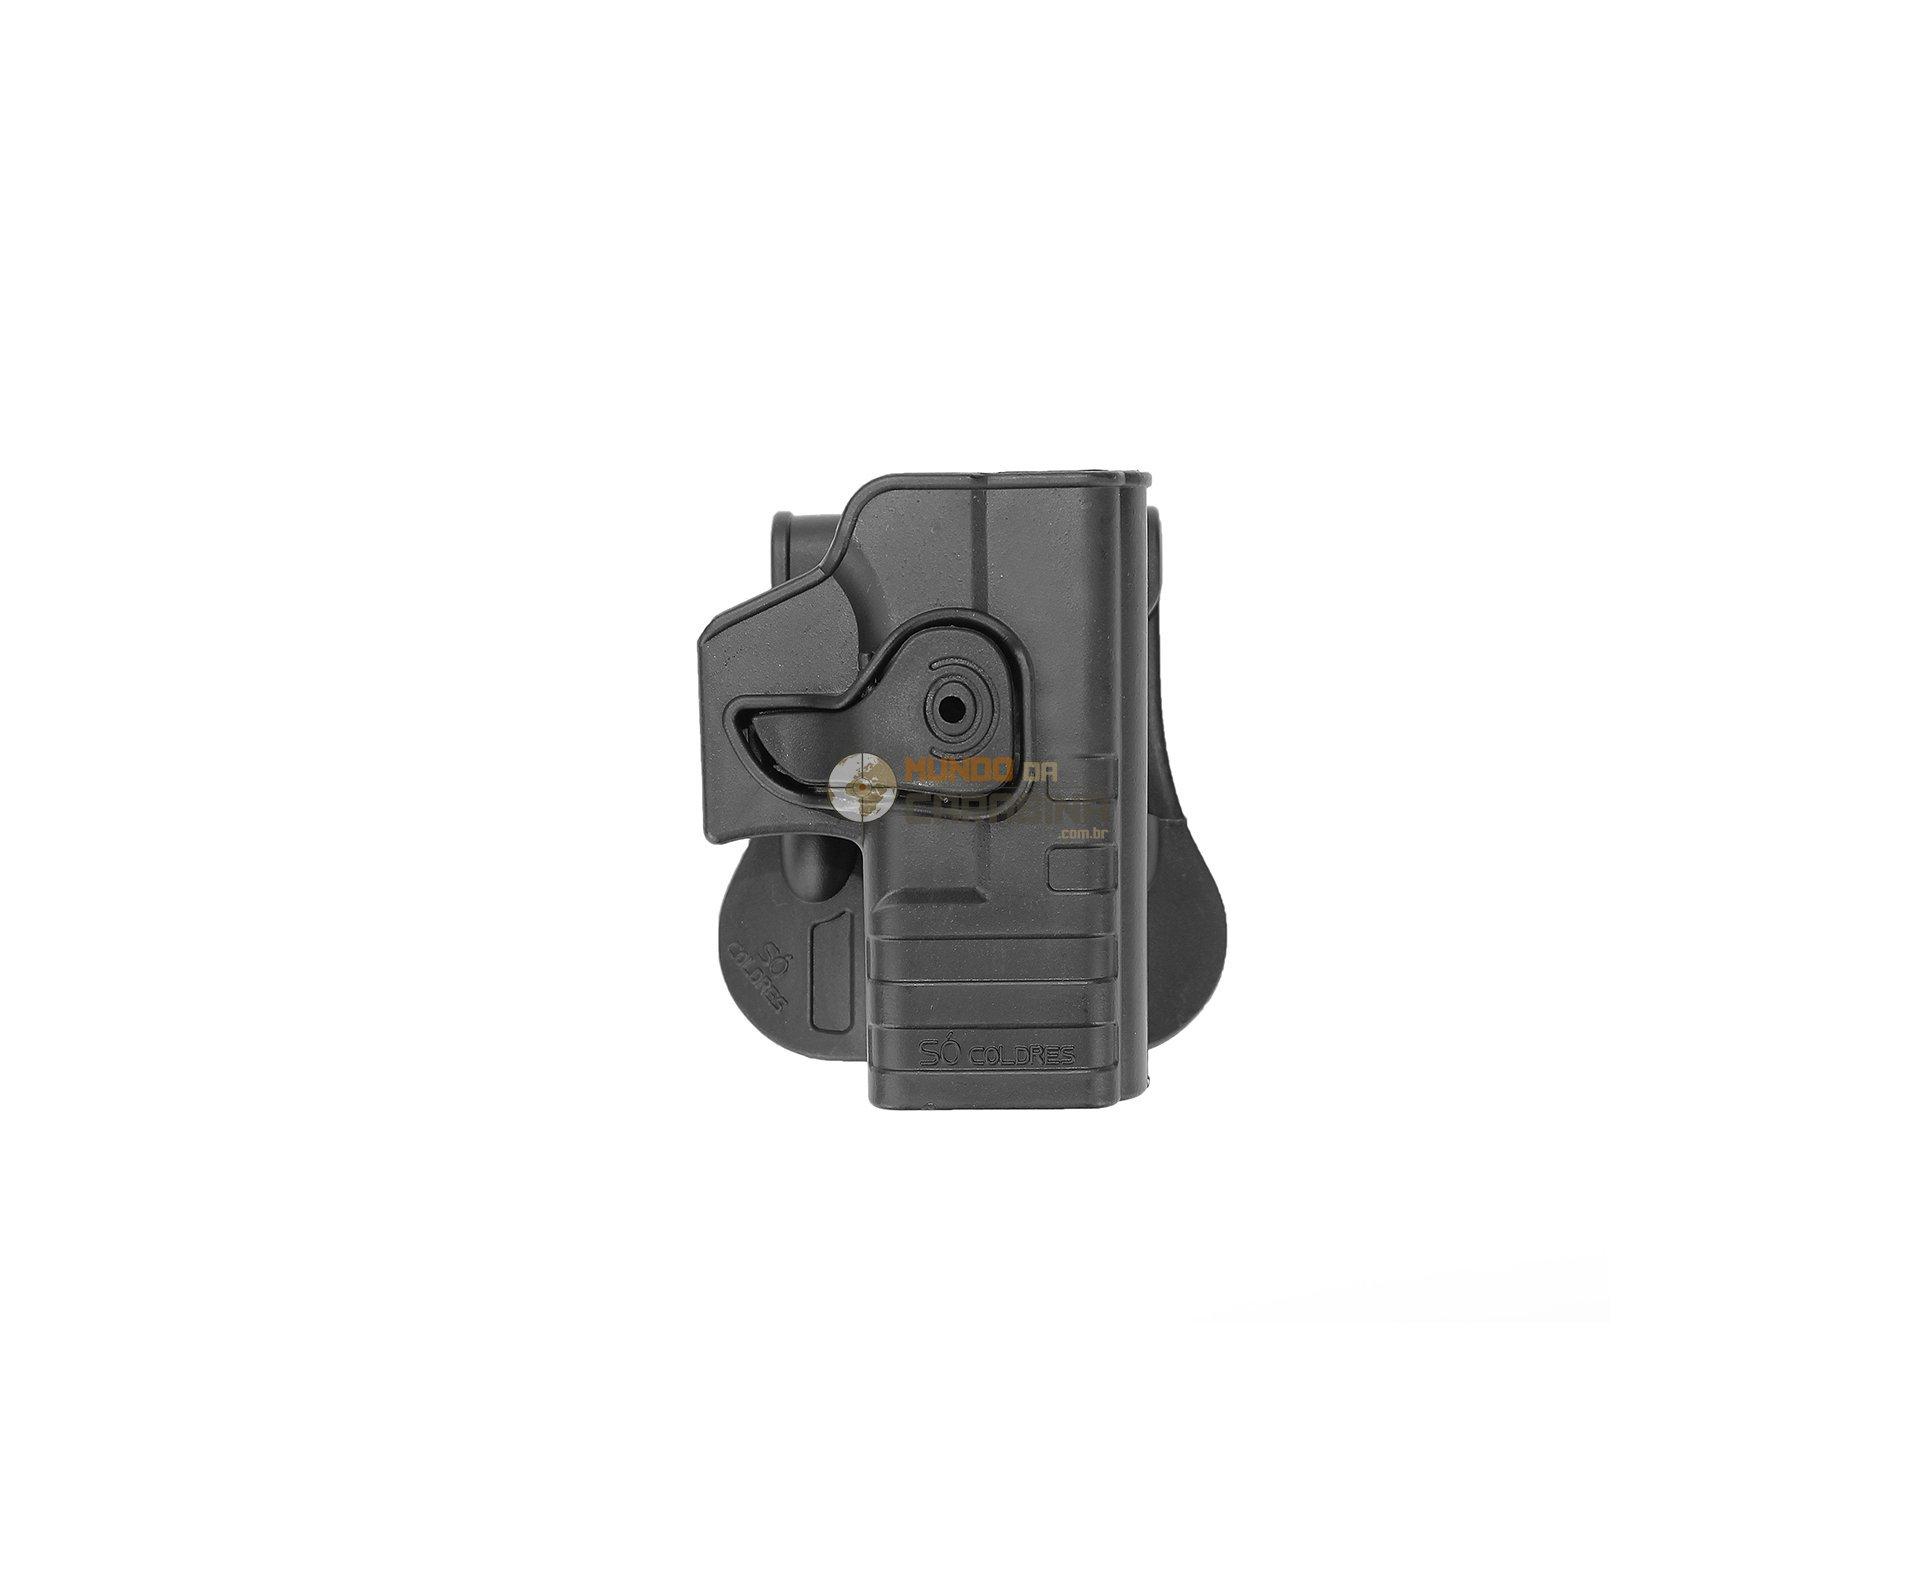 Coldre Cintura Em Polimero Para Pistola Glock Com Trava E Rotativo (destro) - So Coldres